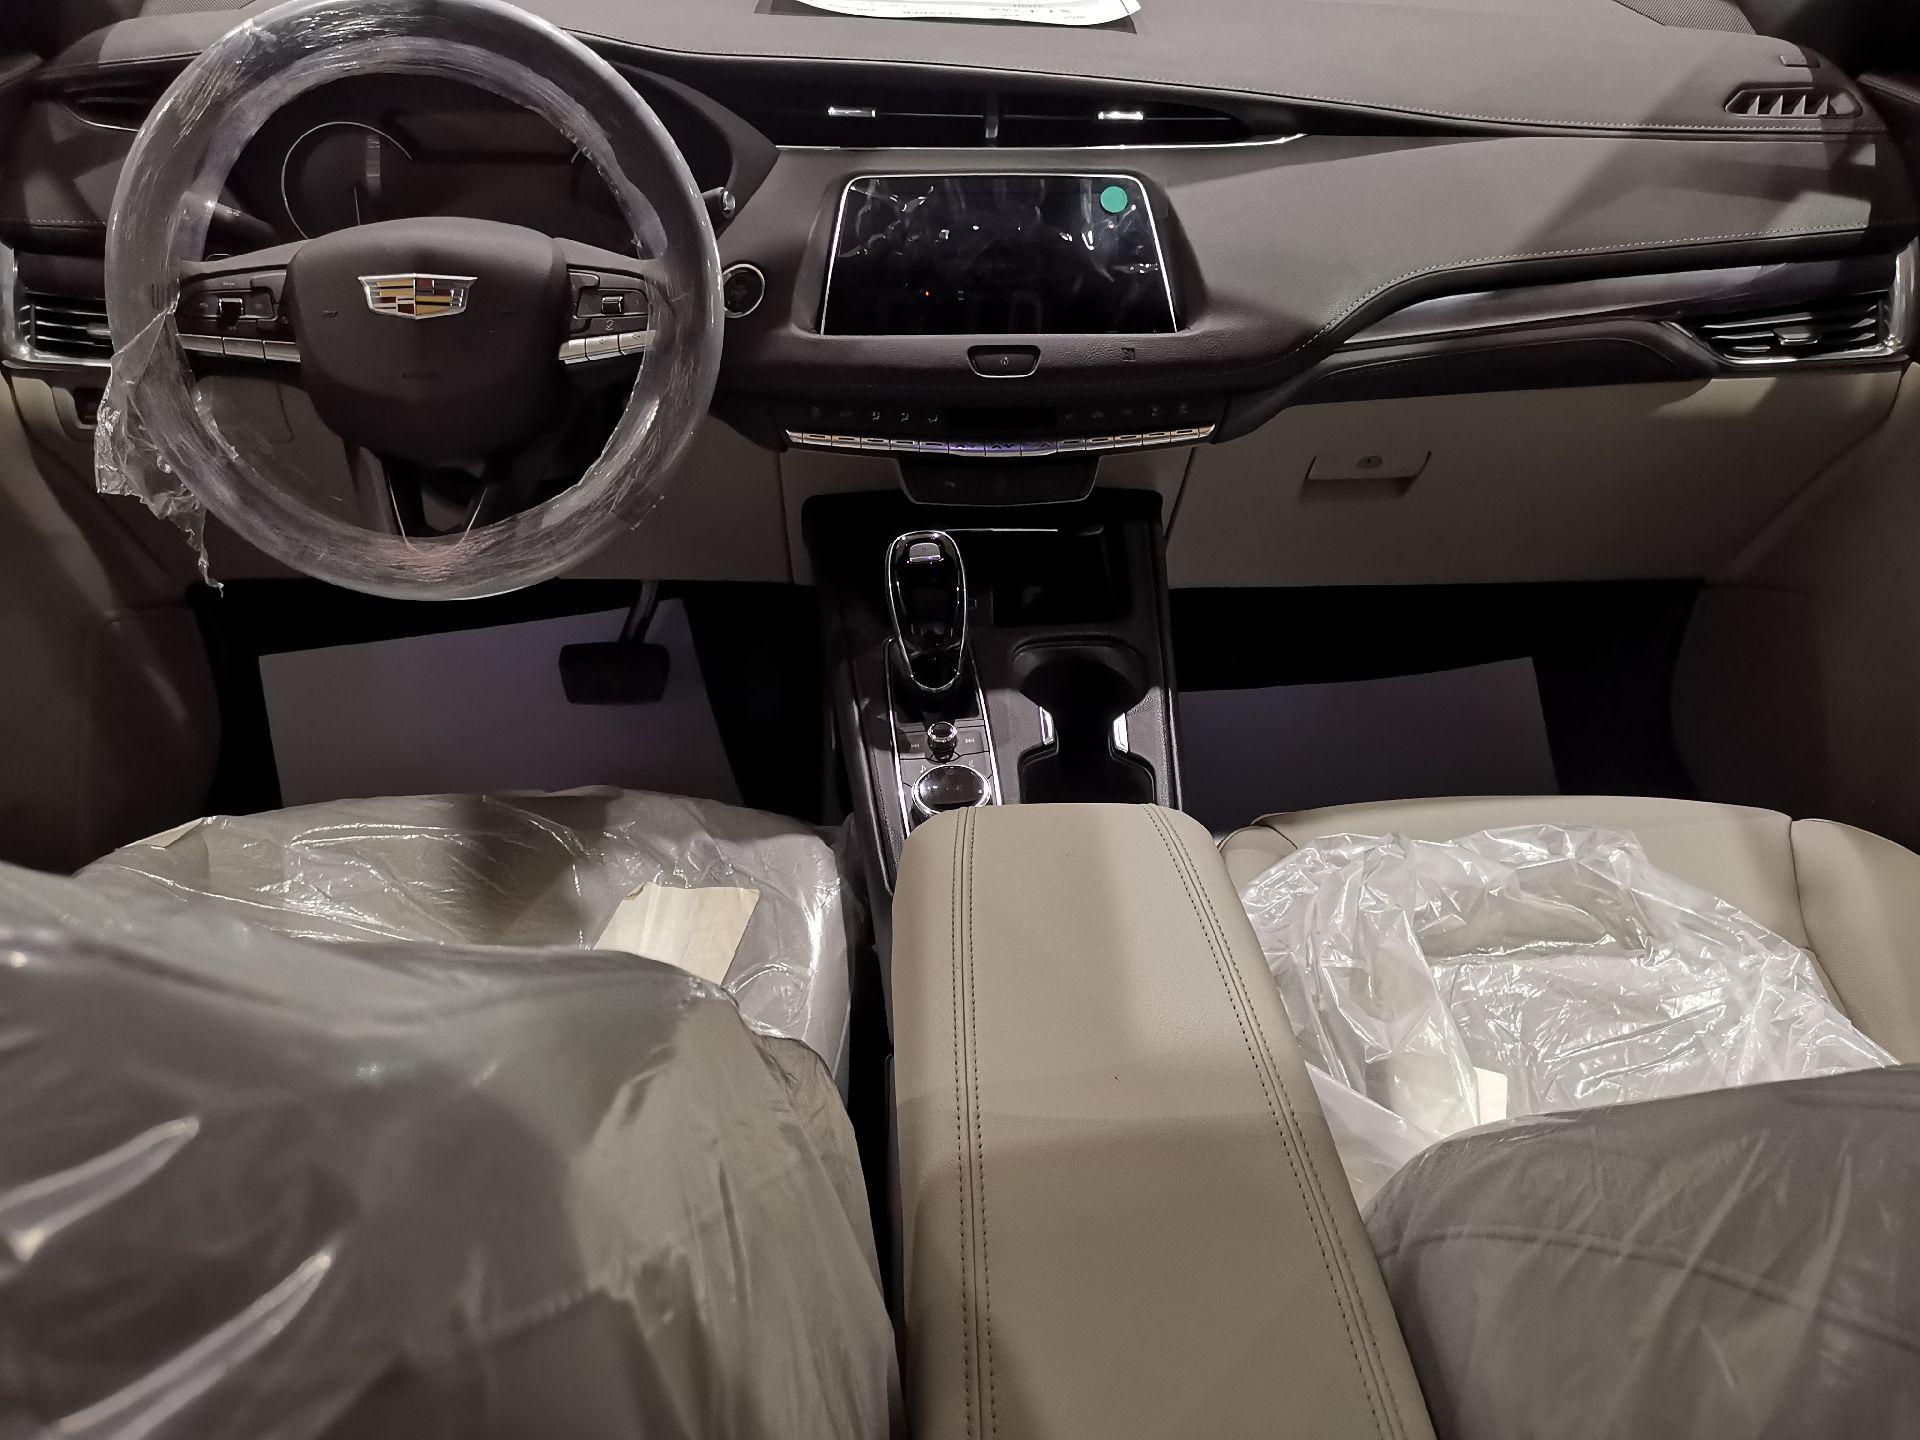 كاديلاك XT4 نص فل 2020 خليجي جديد للبيع في الرياض - السعودية - صورة كبيرة - 7